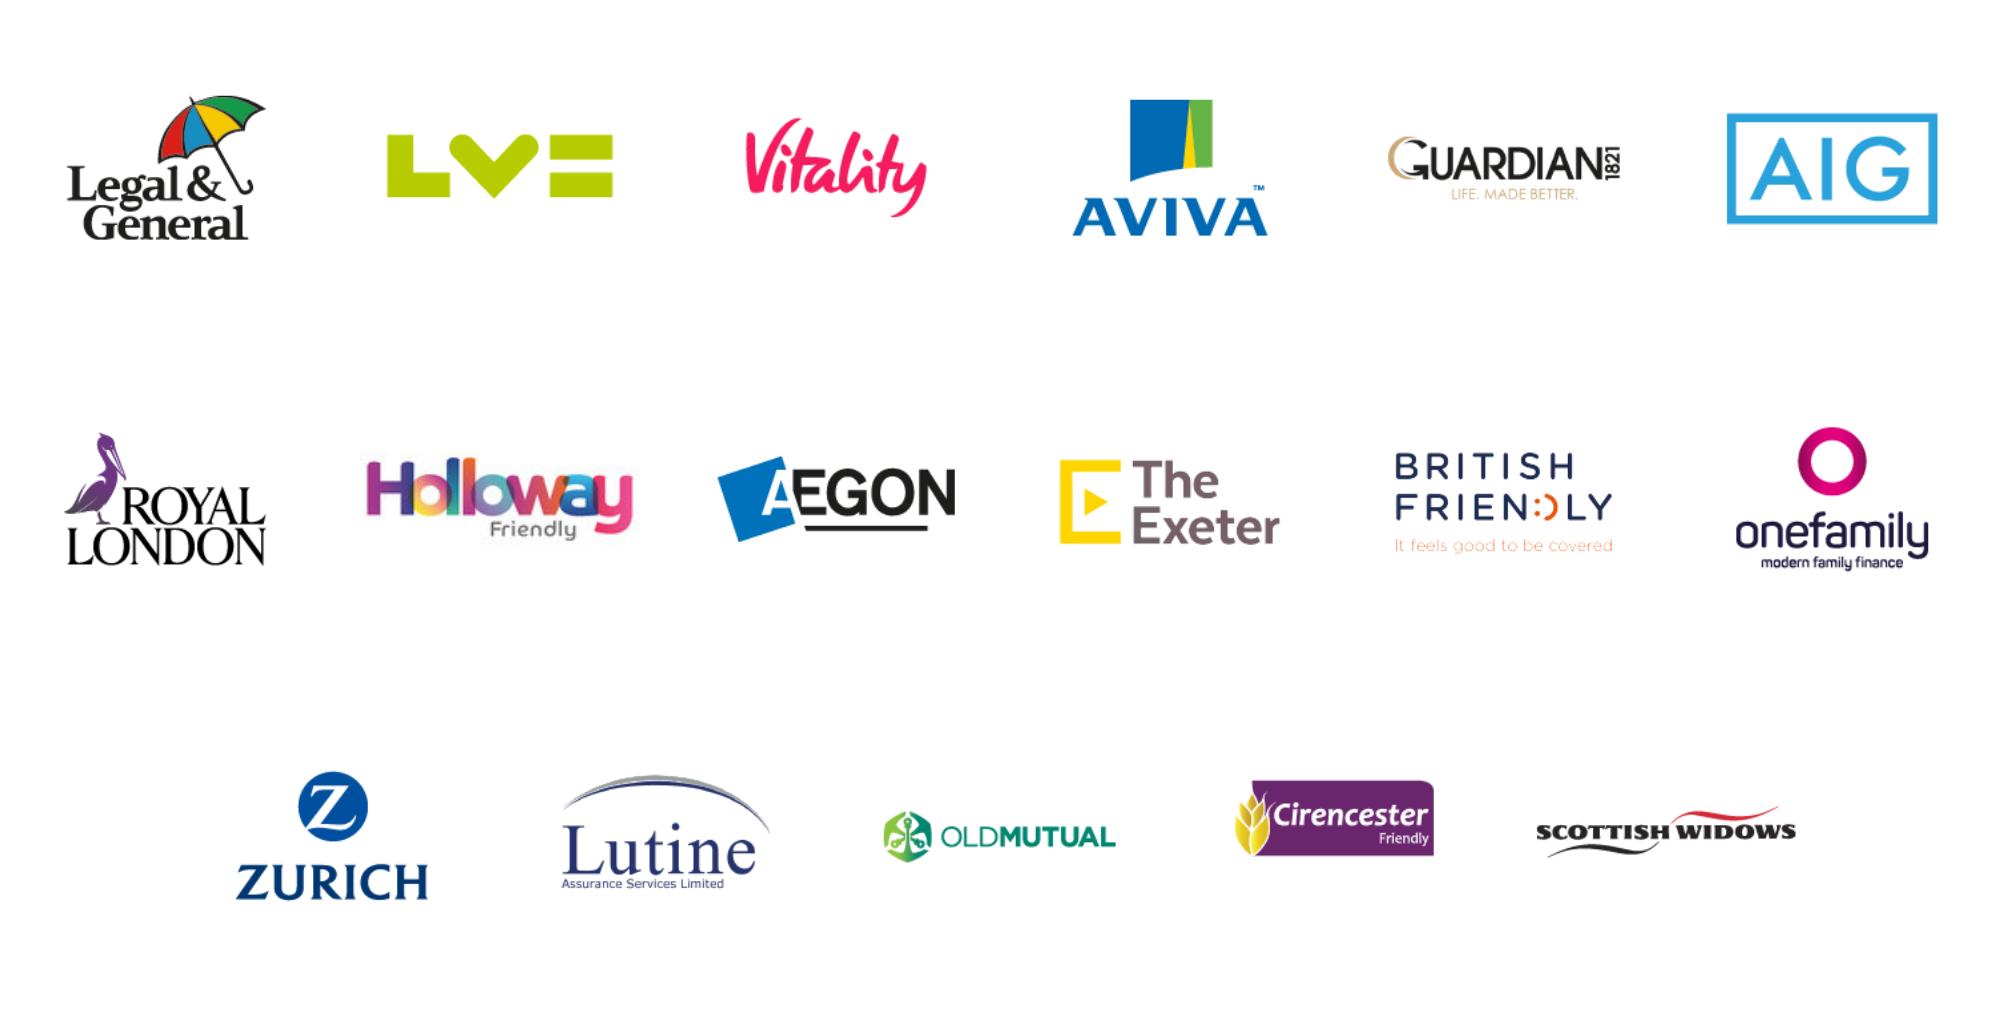 life insurance advice company logos